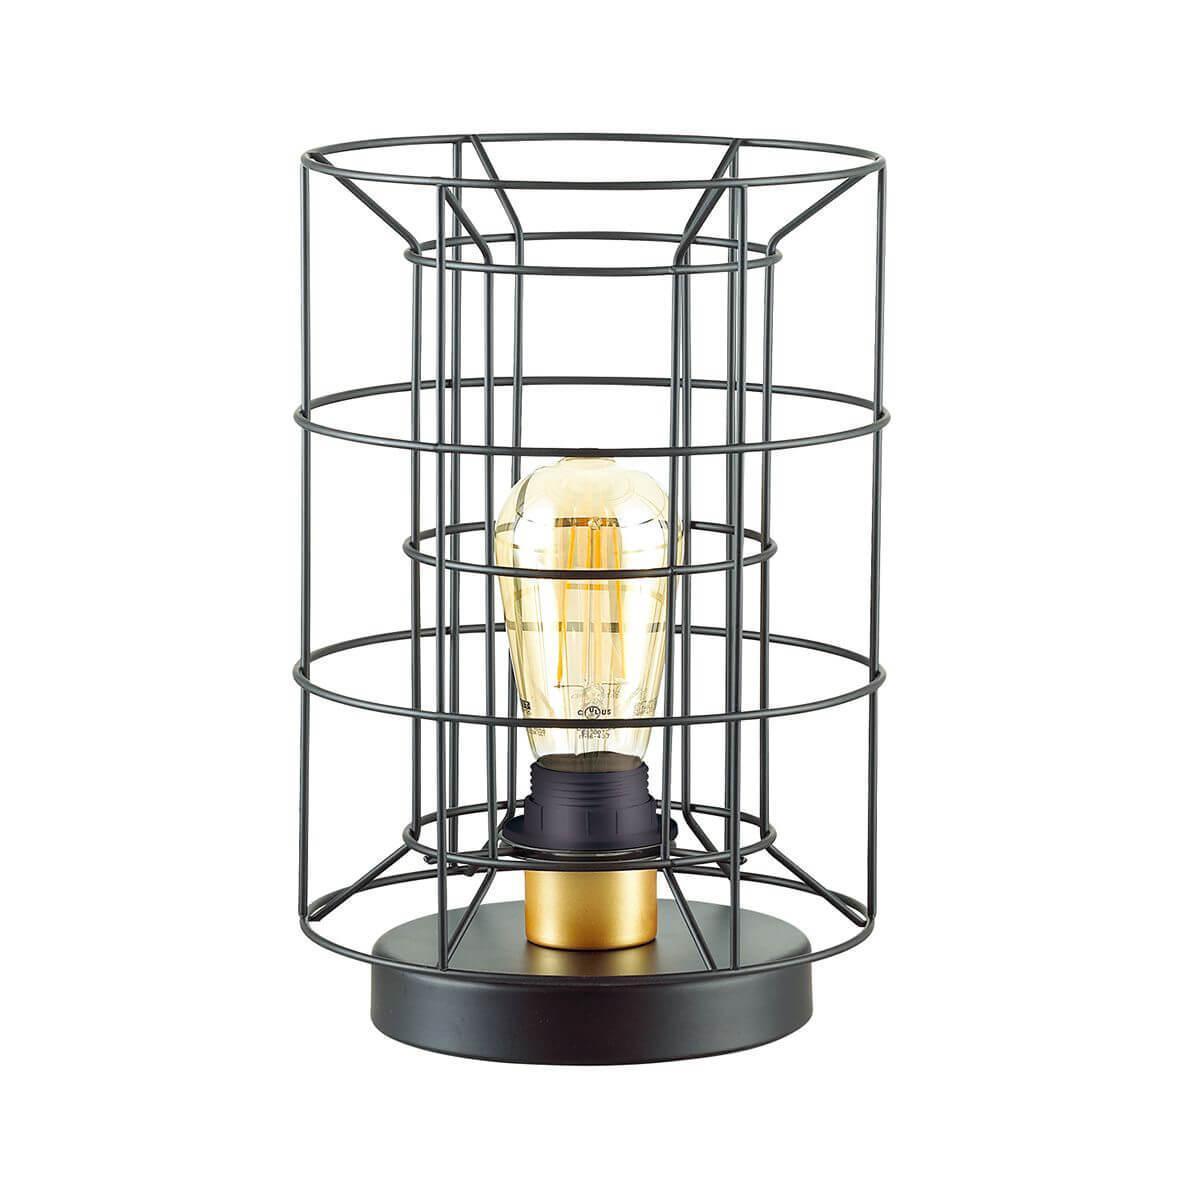 Настольный светильник Lumion 4410/1T, E27, 60 Вт